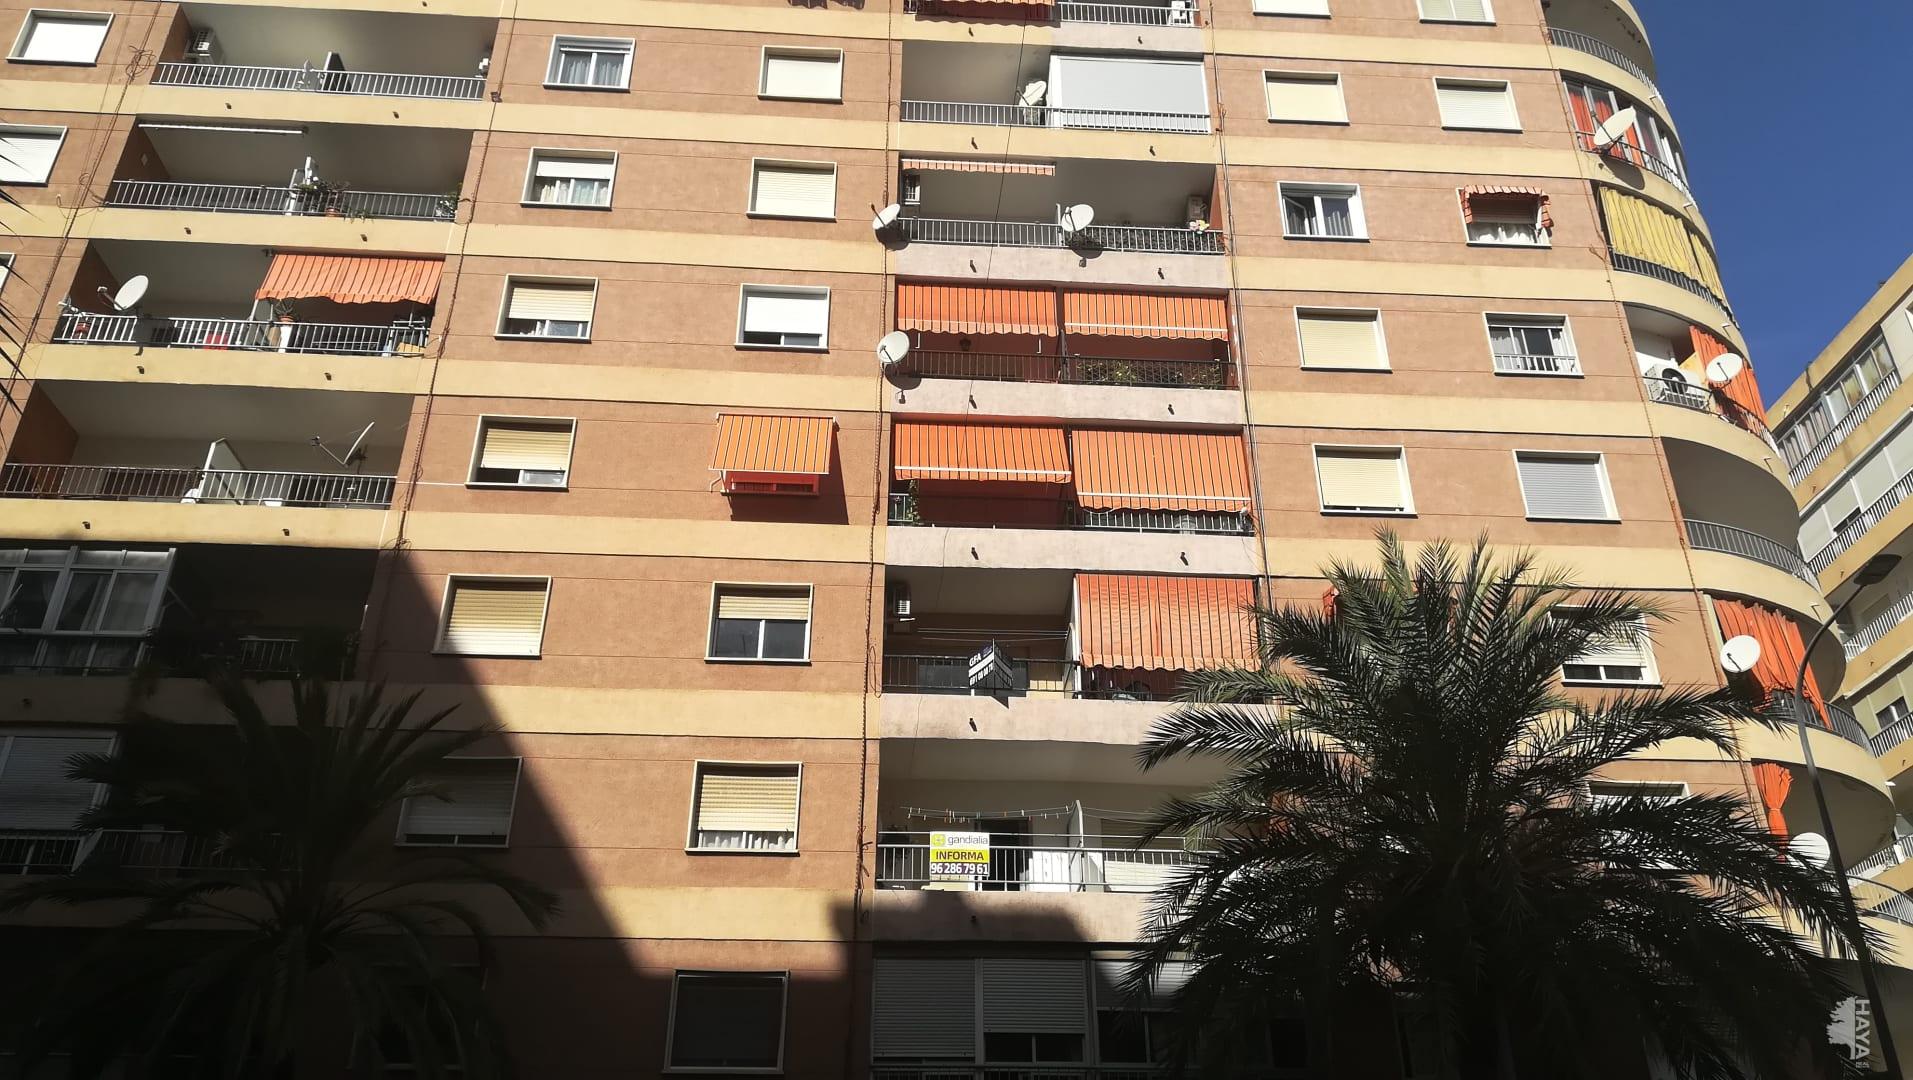 Piso en venta en Gandia, Valencia, Avenida Republica Argentina, 86.200 €, 4 habitaciones, 2 baños, 95 m2